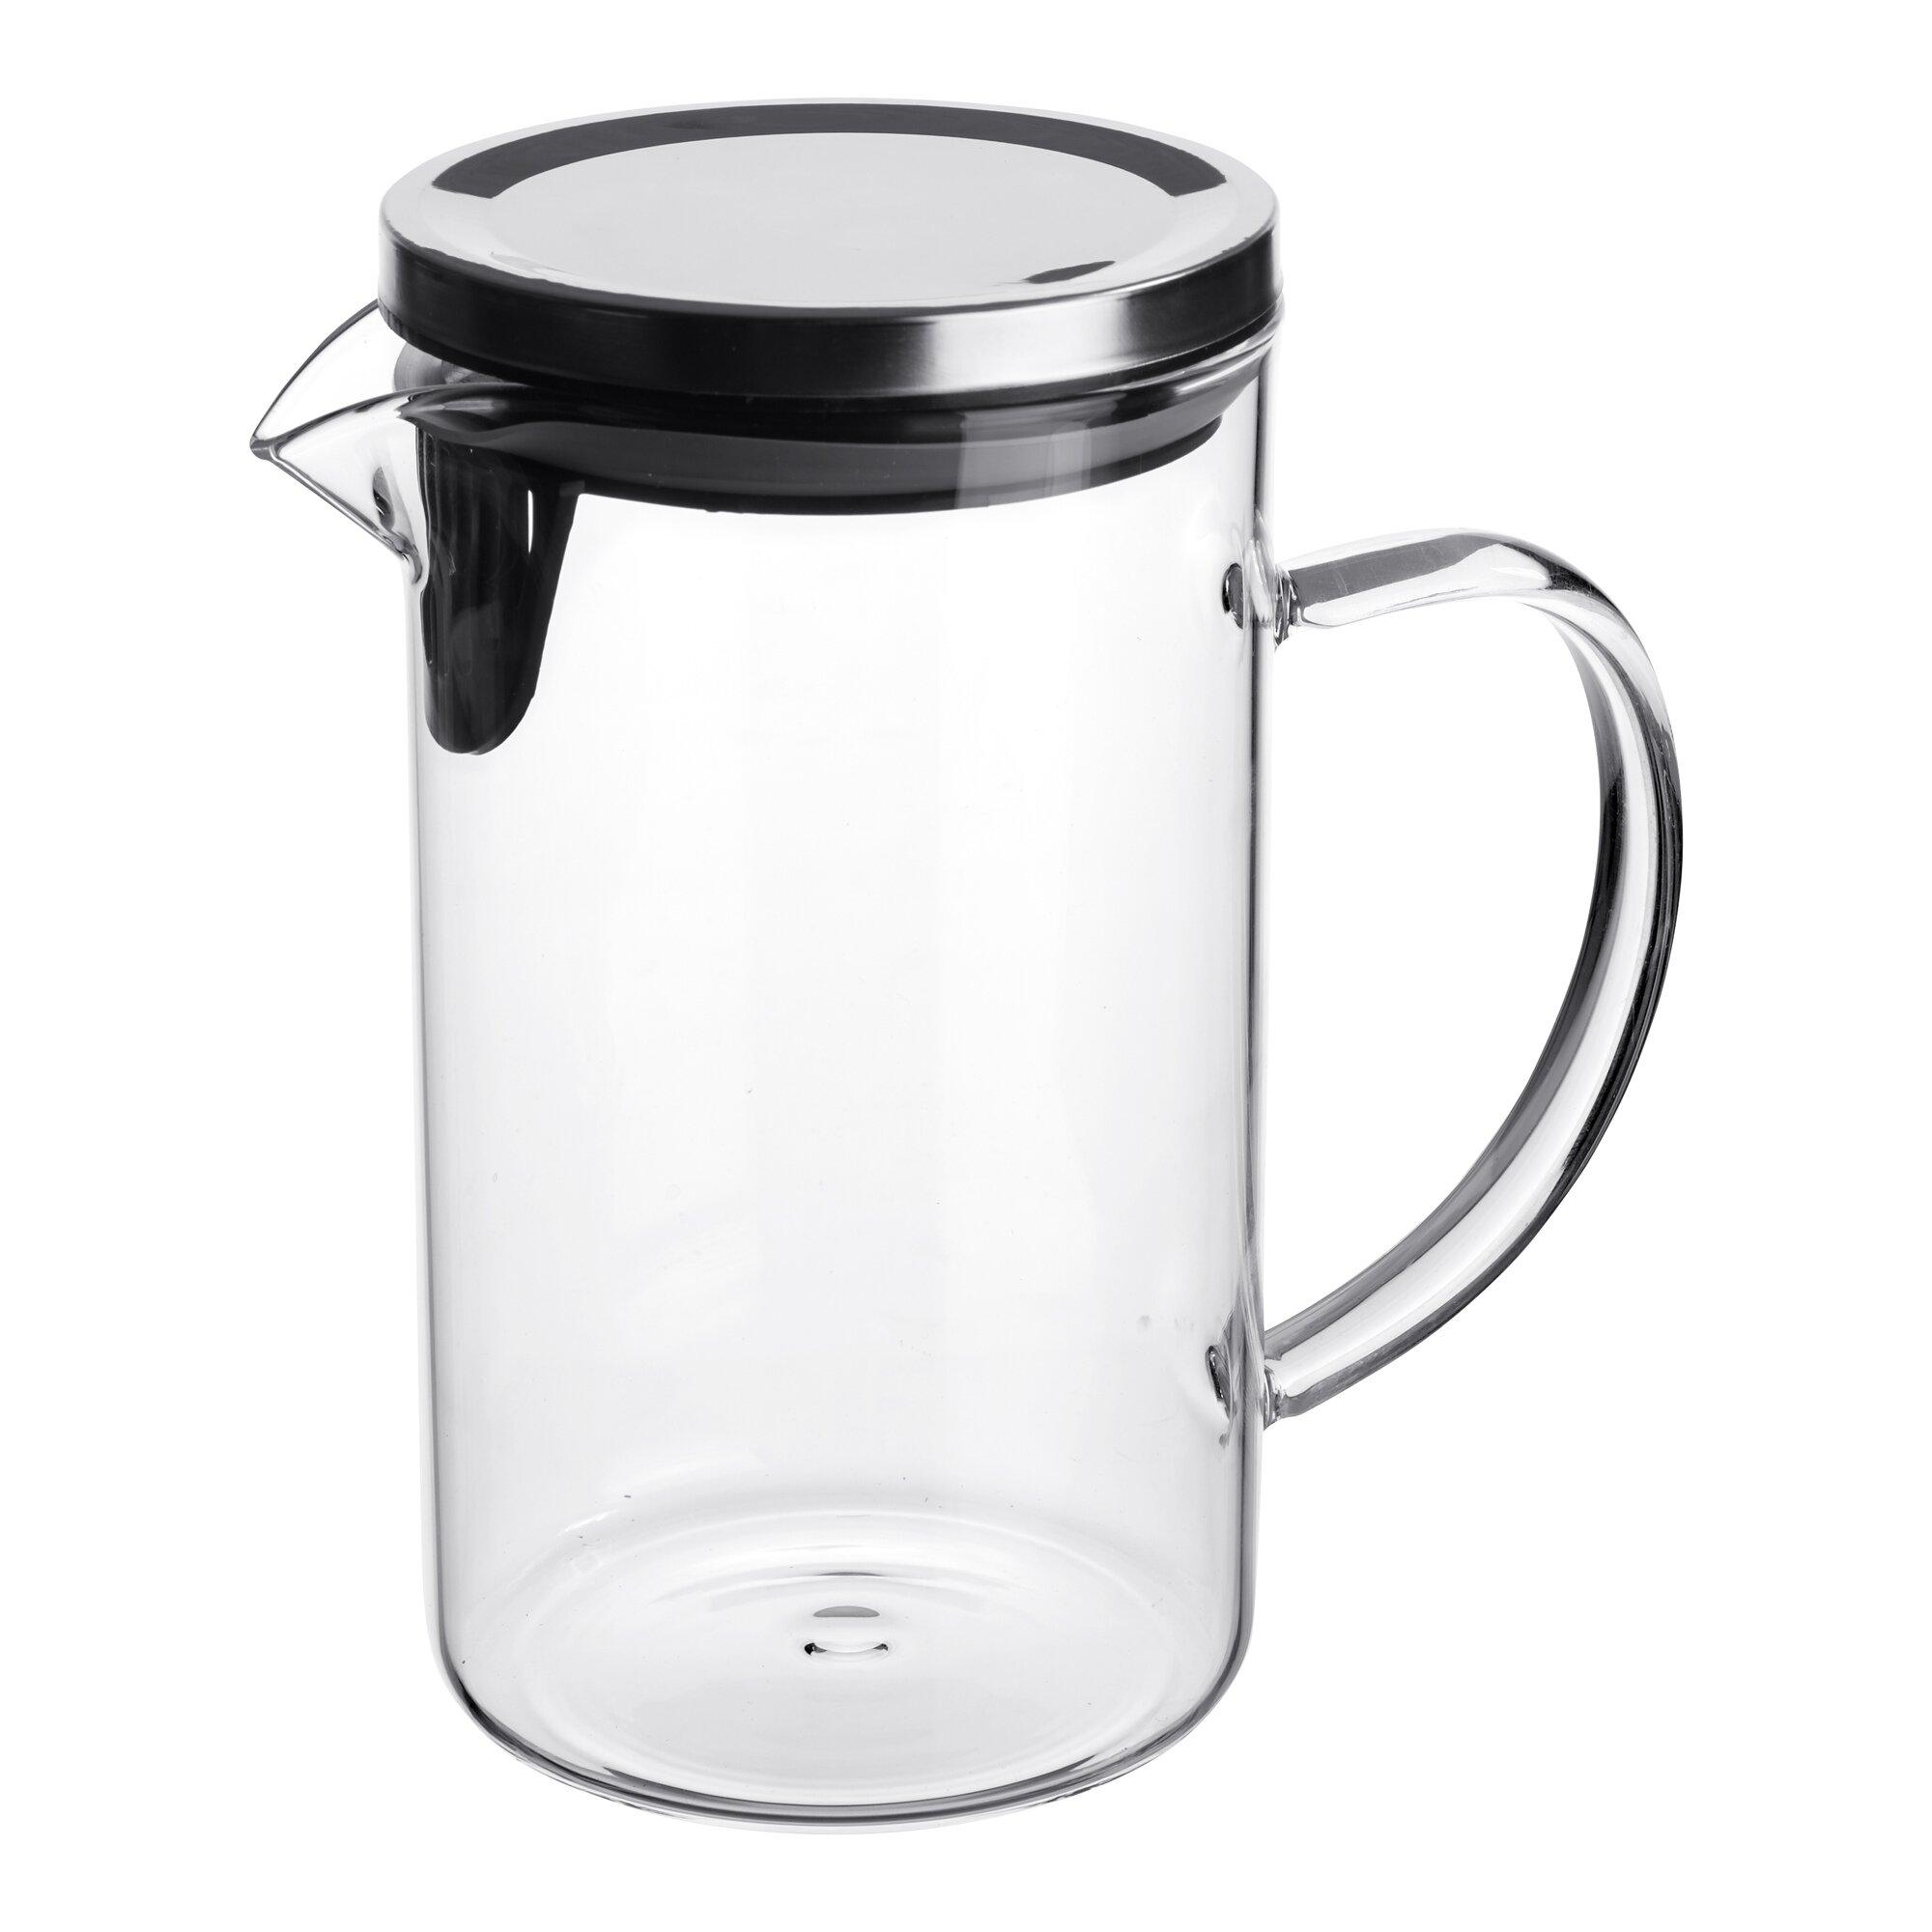 Image of Glaskrug mit Filter 1 L